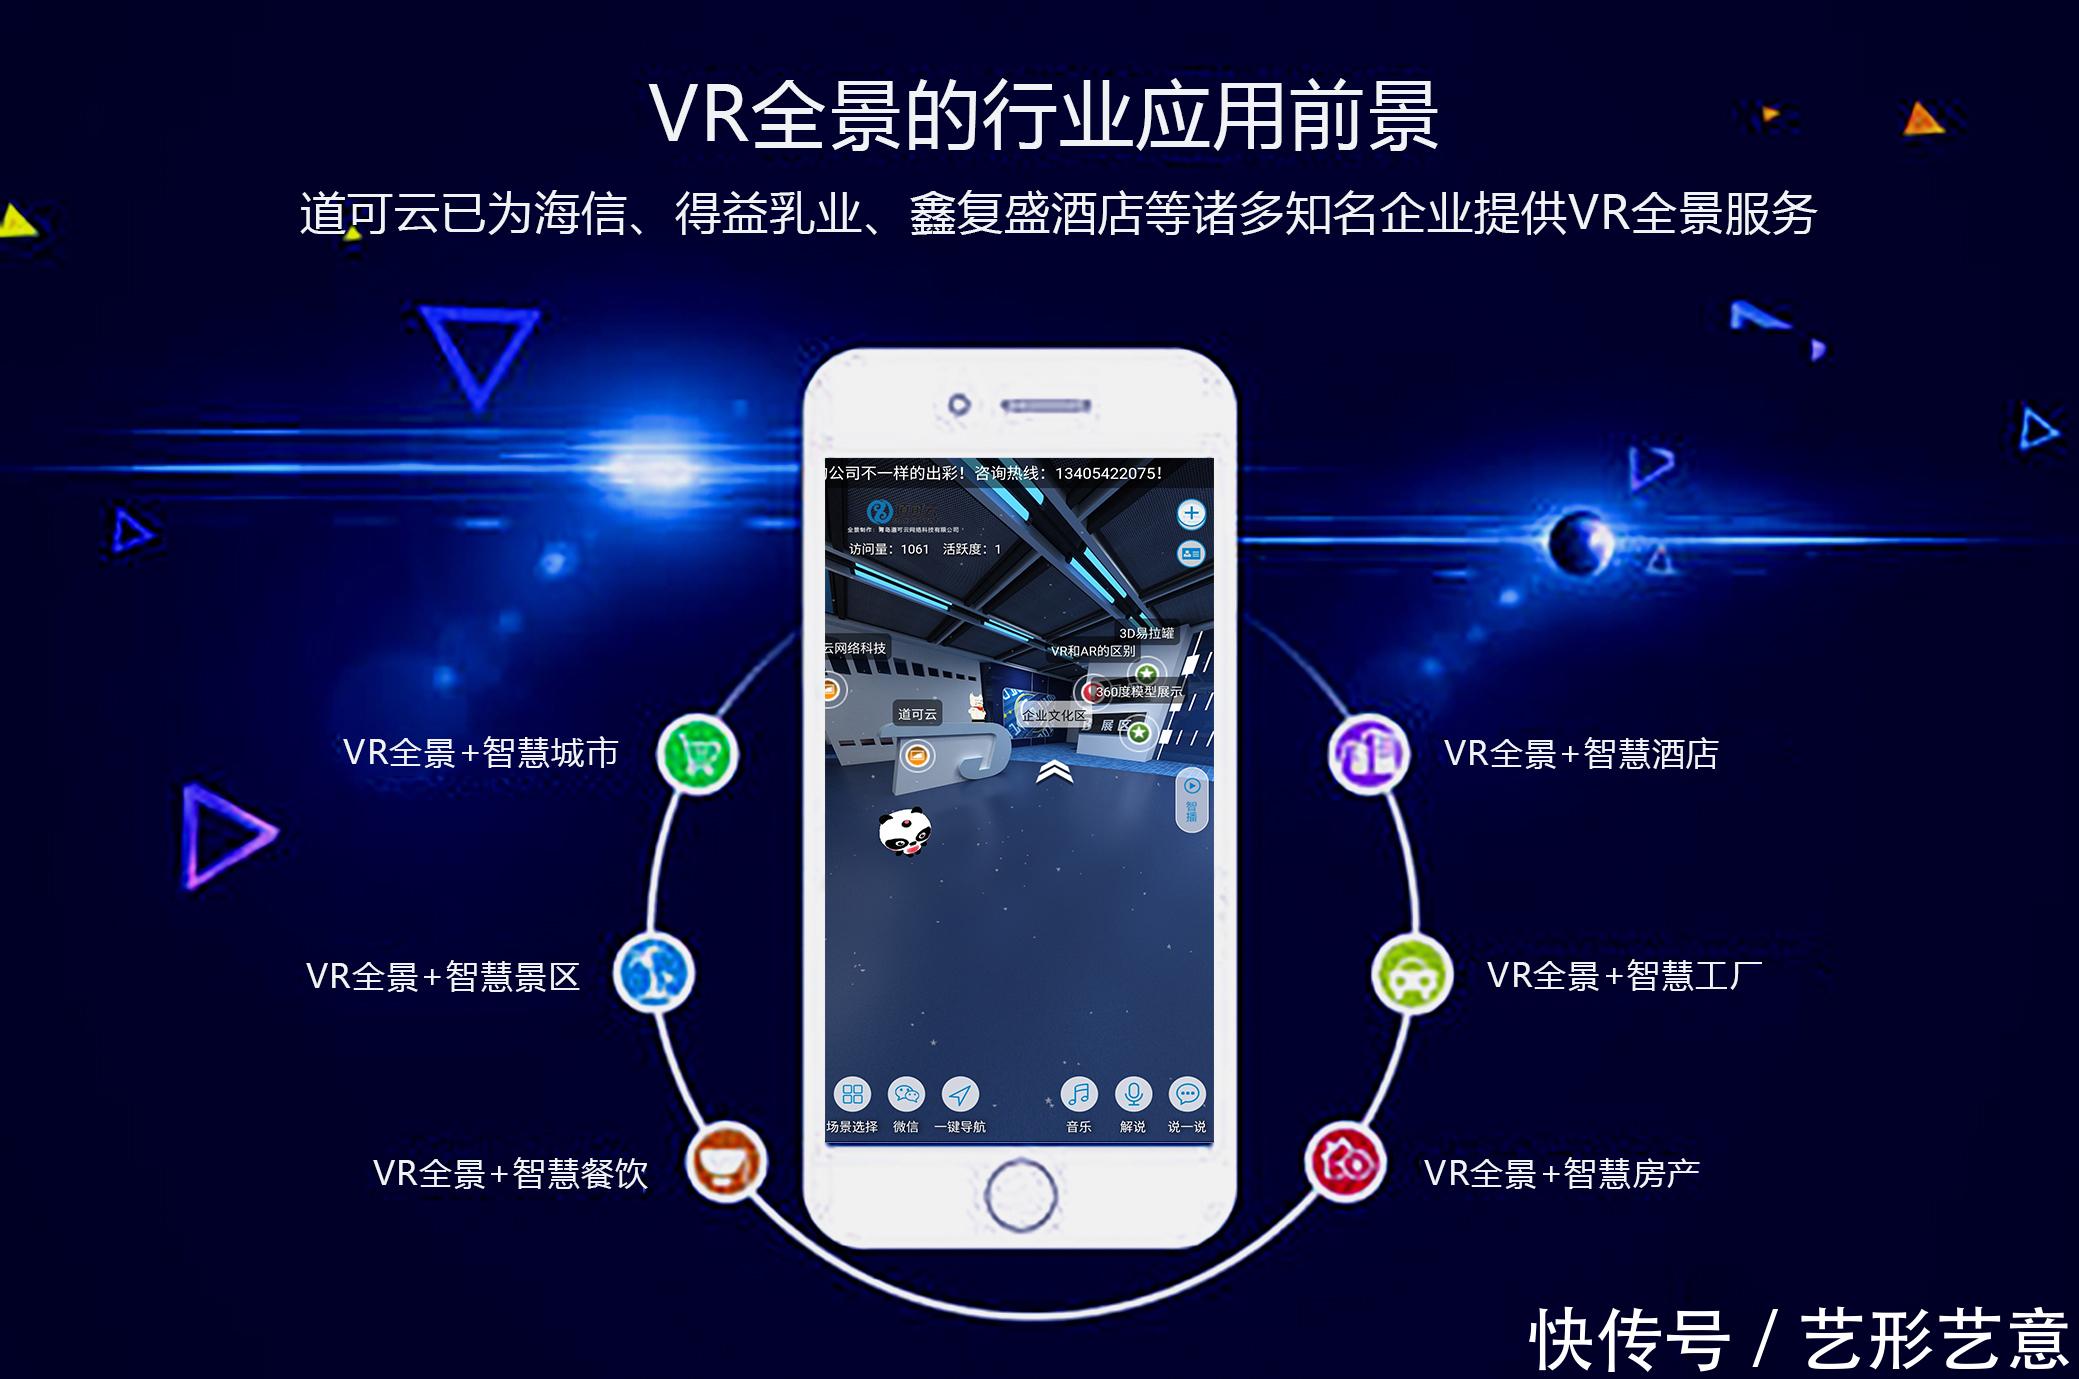 道可云VR全景:VR全景如何快速实现资源的整合营销